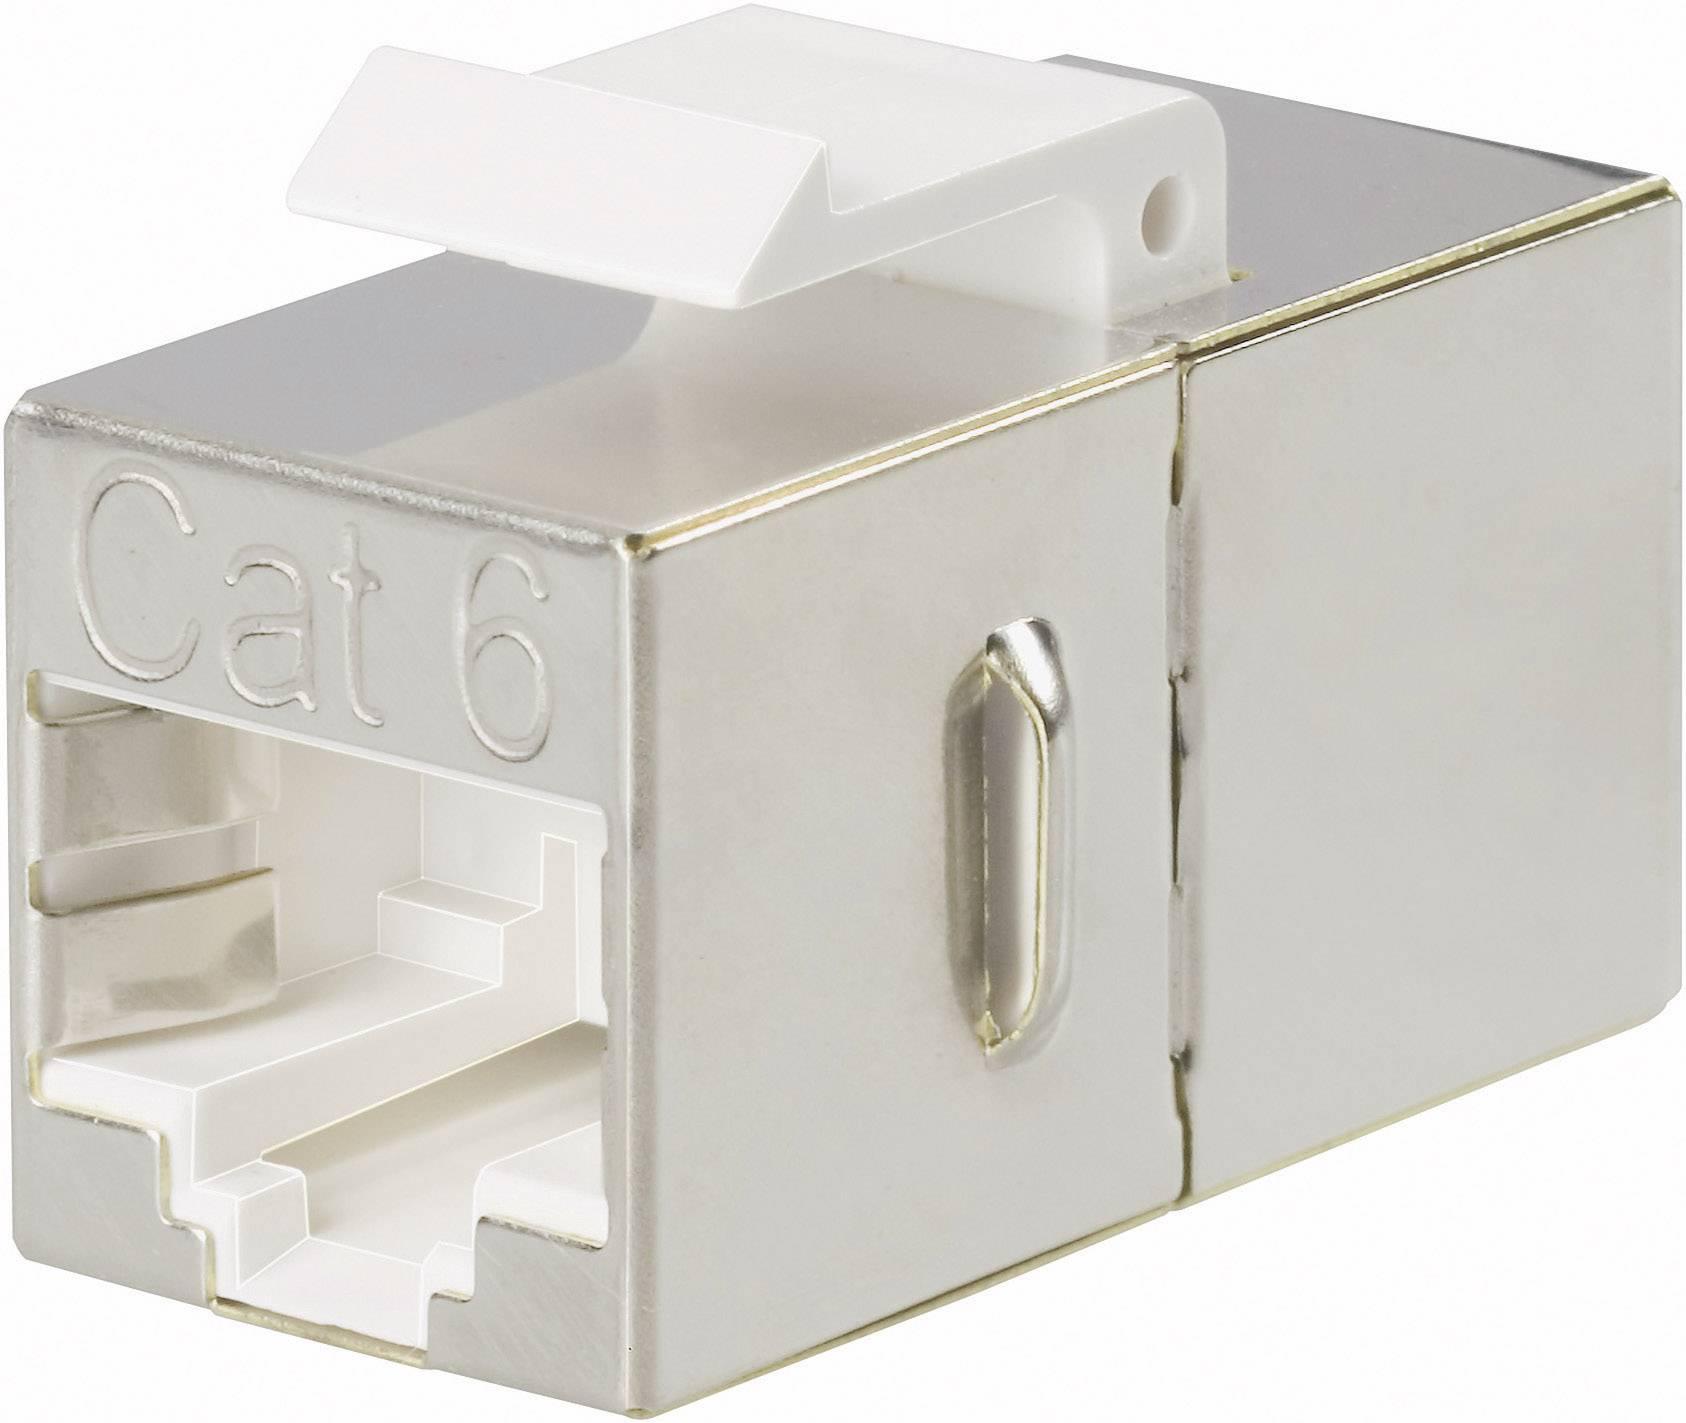 Zabudovateľný zástrčkový konektor pre senzory - aktory Phoenix Contact VS-08-BU-RJ45-6-MOD/BU 1653155, 1 ks